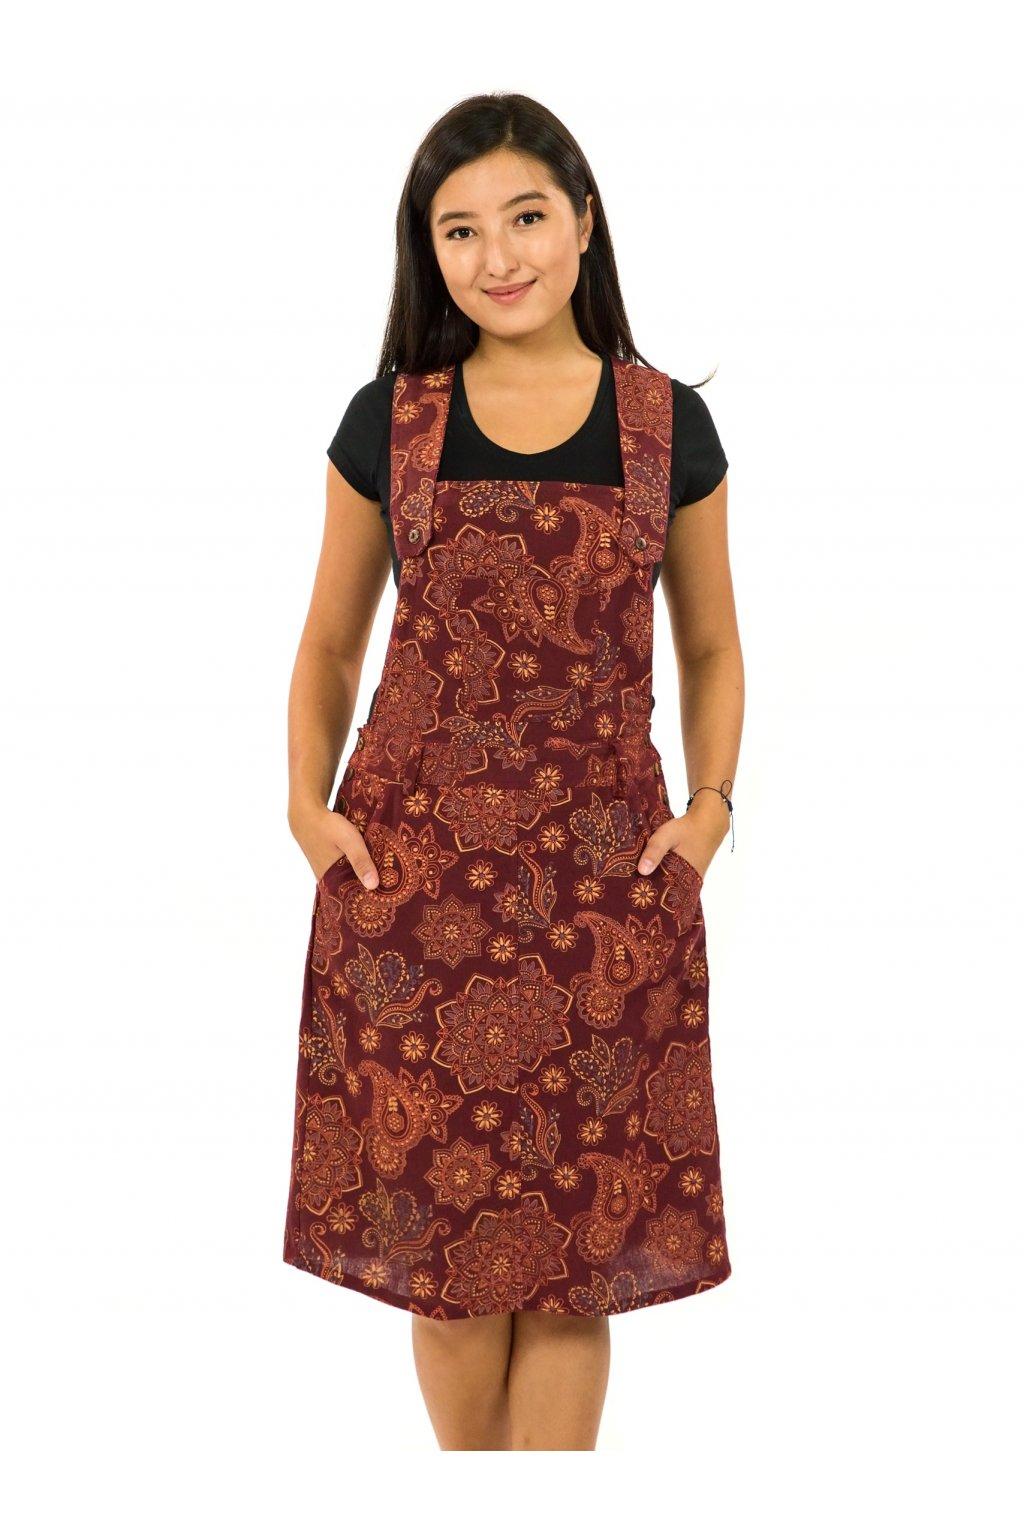 Laclové šaty Pemba - vínová